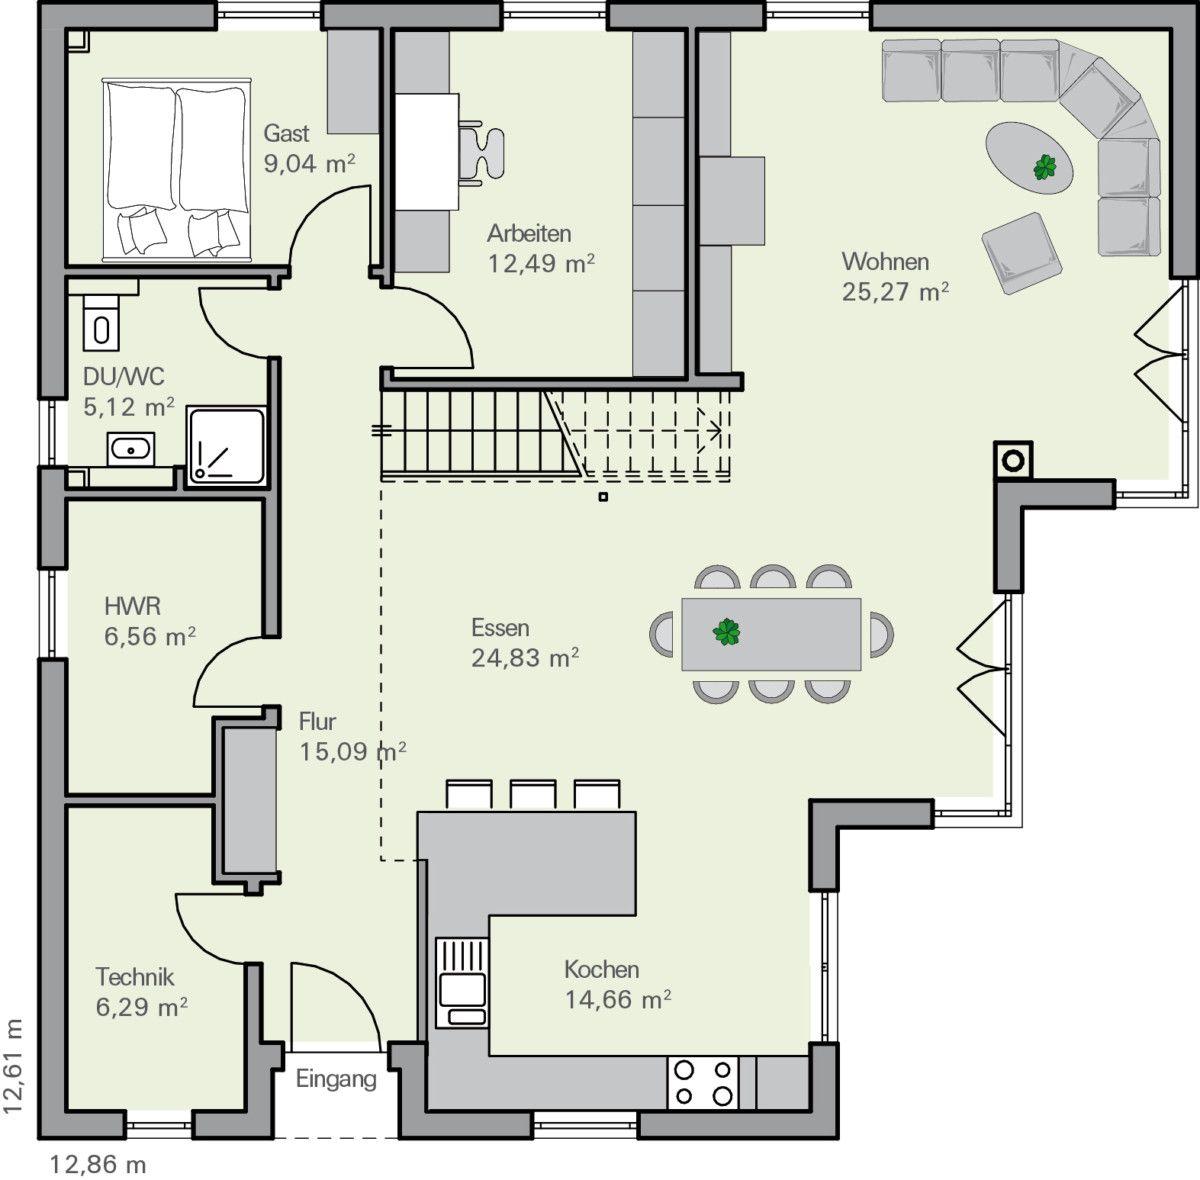 einfamilienhaus grundriss erdgeschoss offen mit kamin und garage baumeister haus nelsen. Black Bedroom Furniture Sets. Home Design Ideas